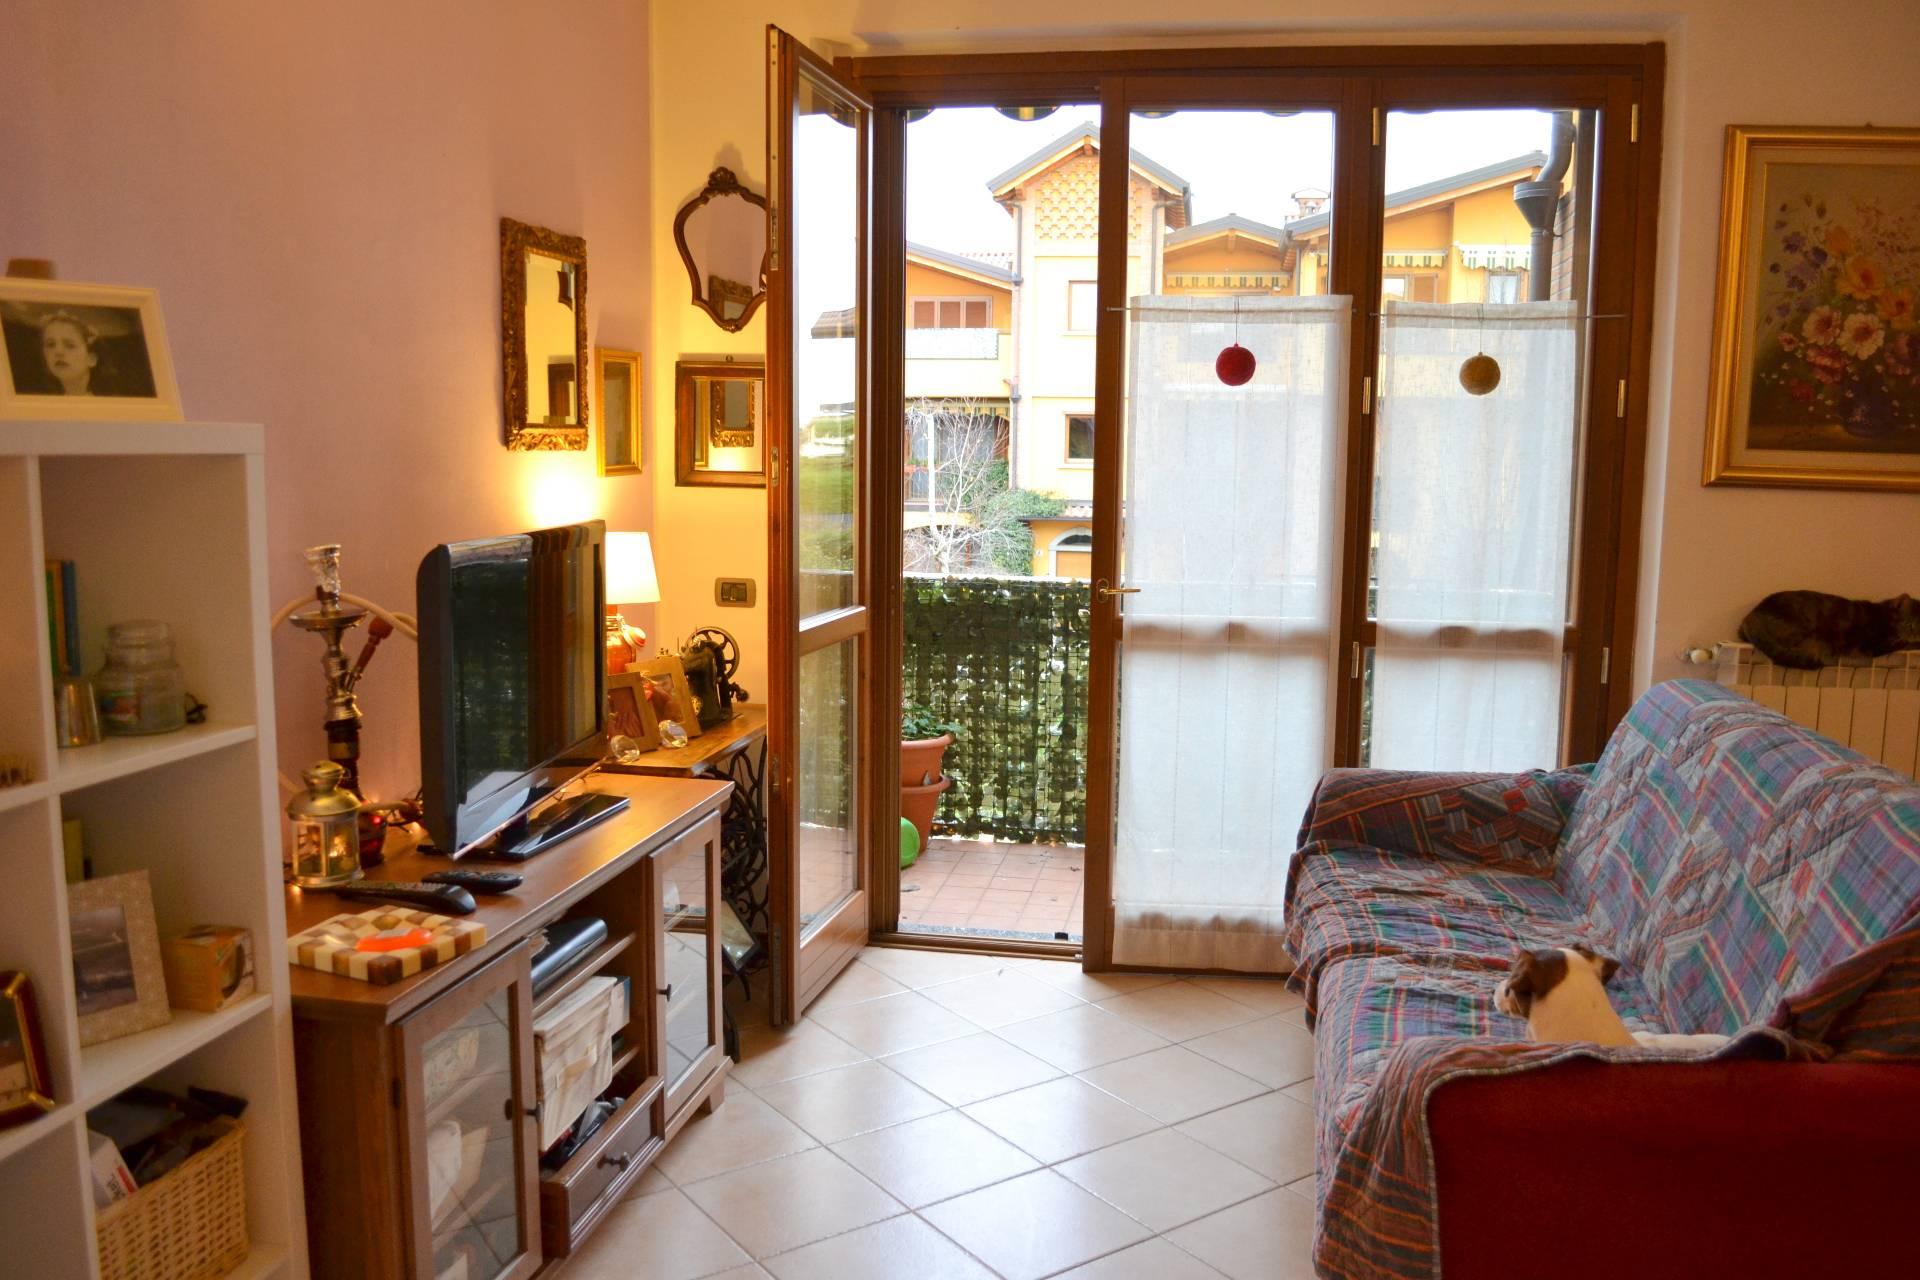 in Sale To Trezzano Rosa - Ref. V001135